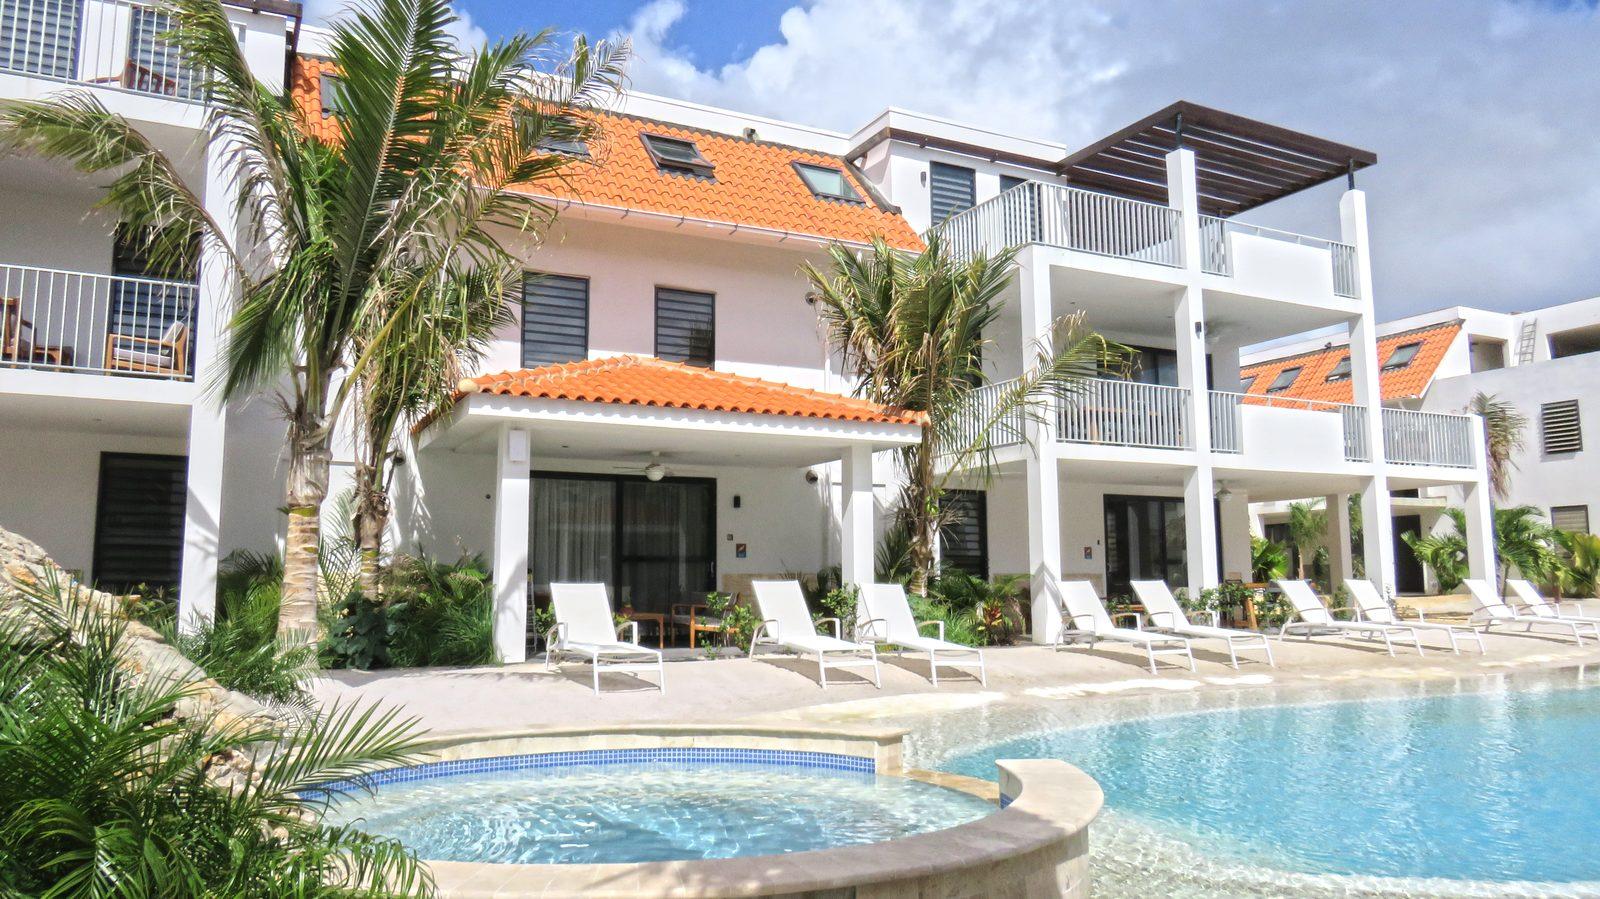 Jetez un coup d'œil au Resort Bonaire, un nouveau complexe sur la belle île de Bonaire. Les appartements de luxe du Resort Bonaire peuvent accueillir jusqu'à quatre ou six personnes.